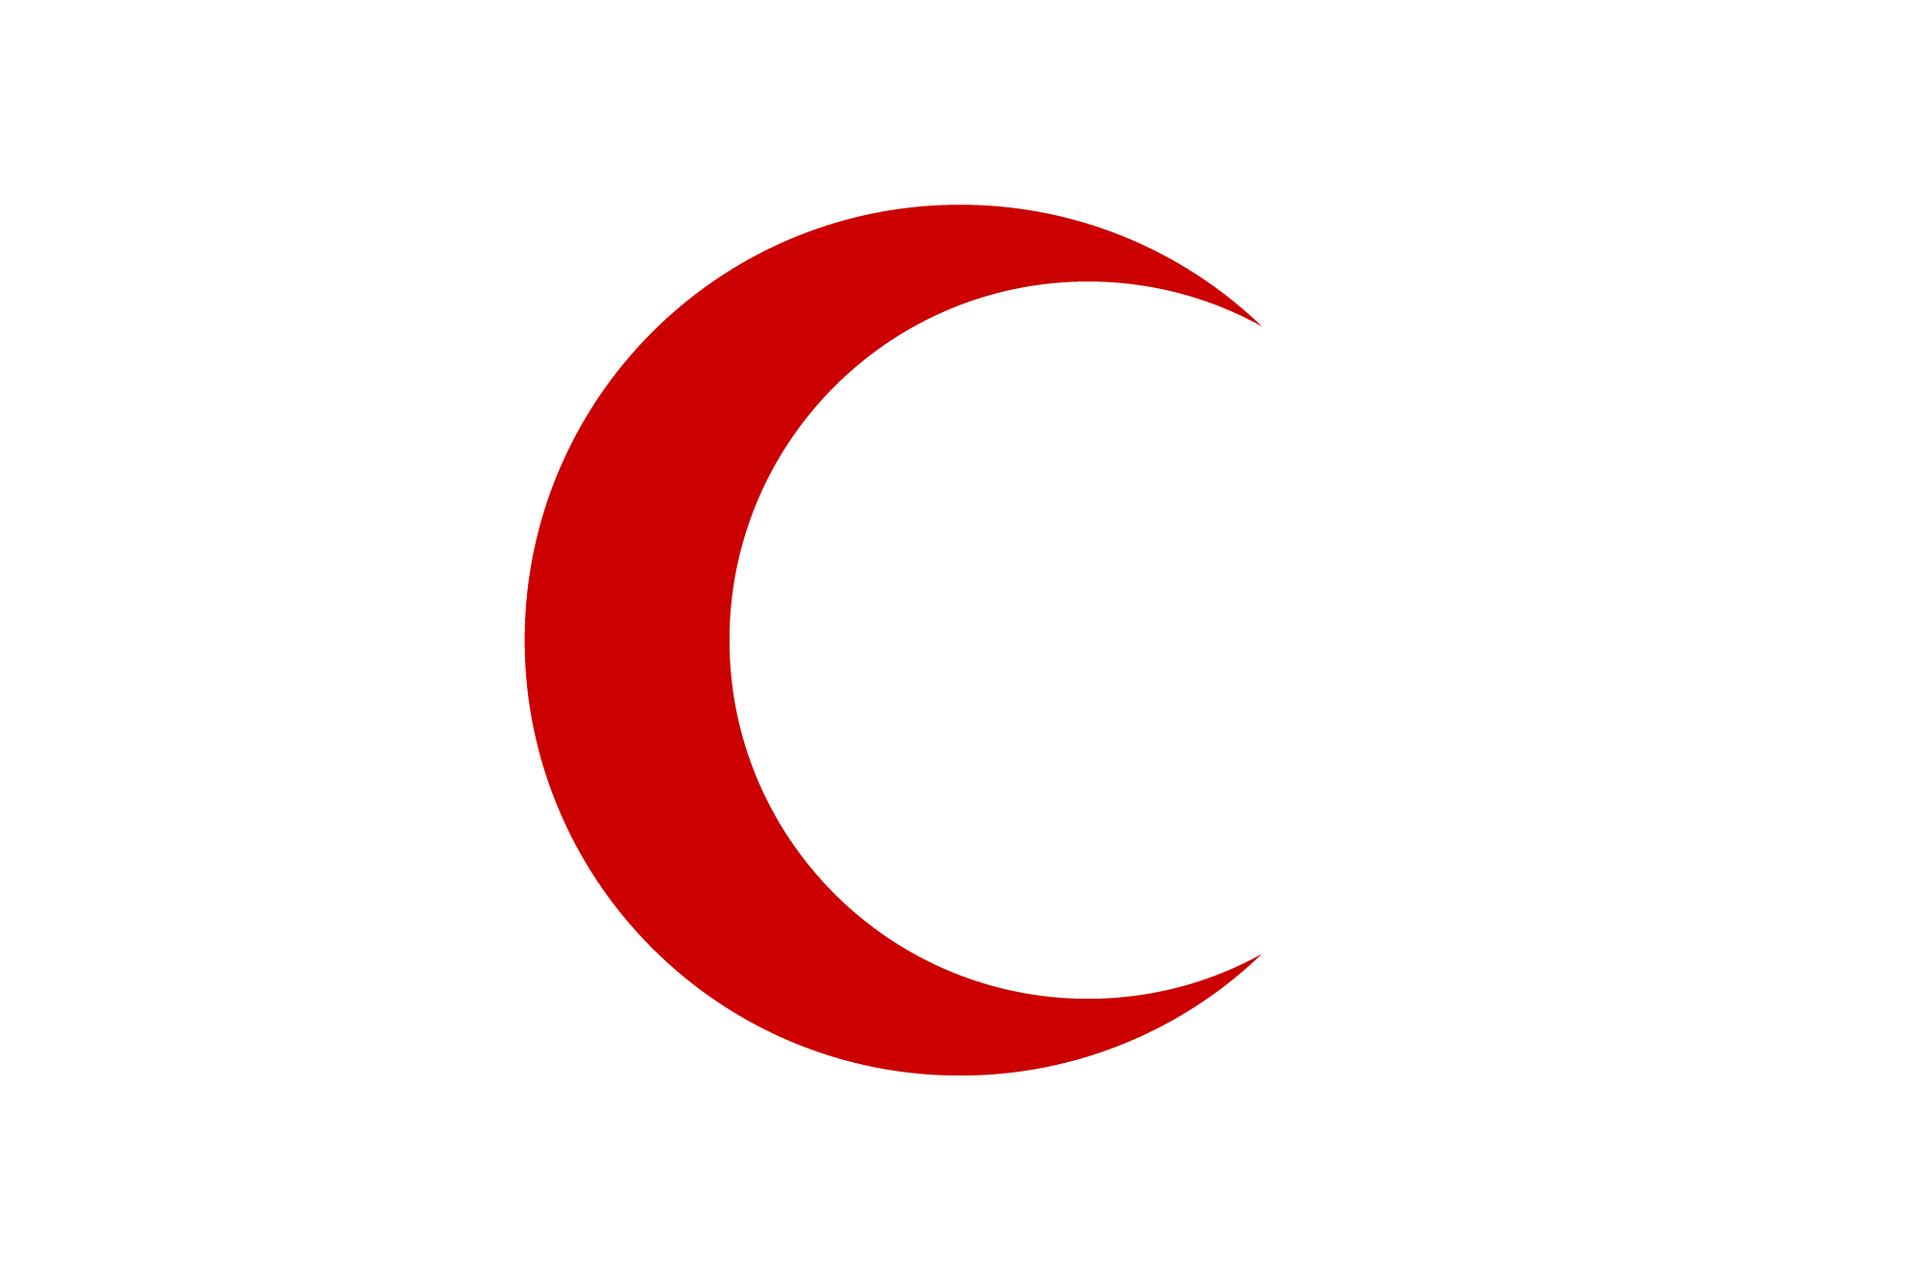 Galeria składa się z4 czerwonych symboli ułożonych wdwóch rzędach. Drugi symbol: czerwony półksiężyc skierowany półokręgiem wlewo. Zakończenia skierowane wprawo.